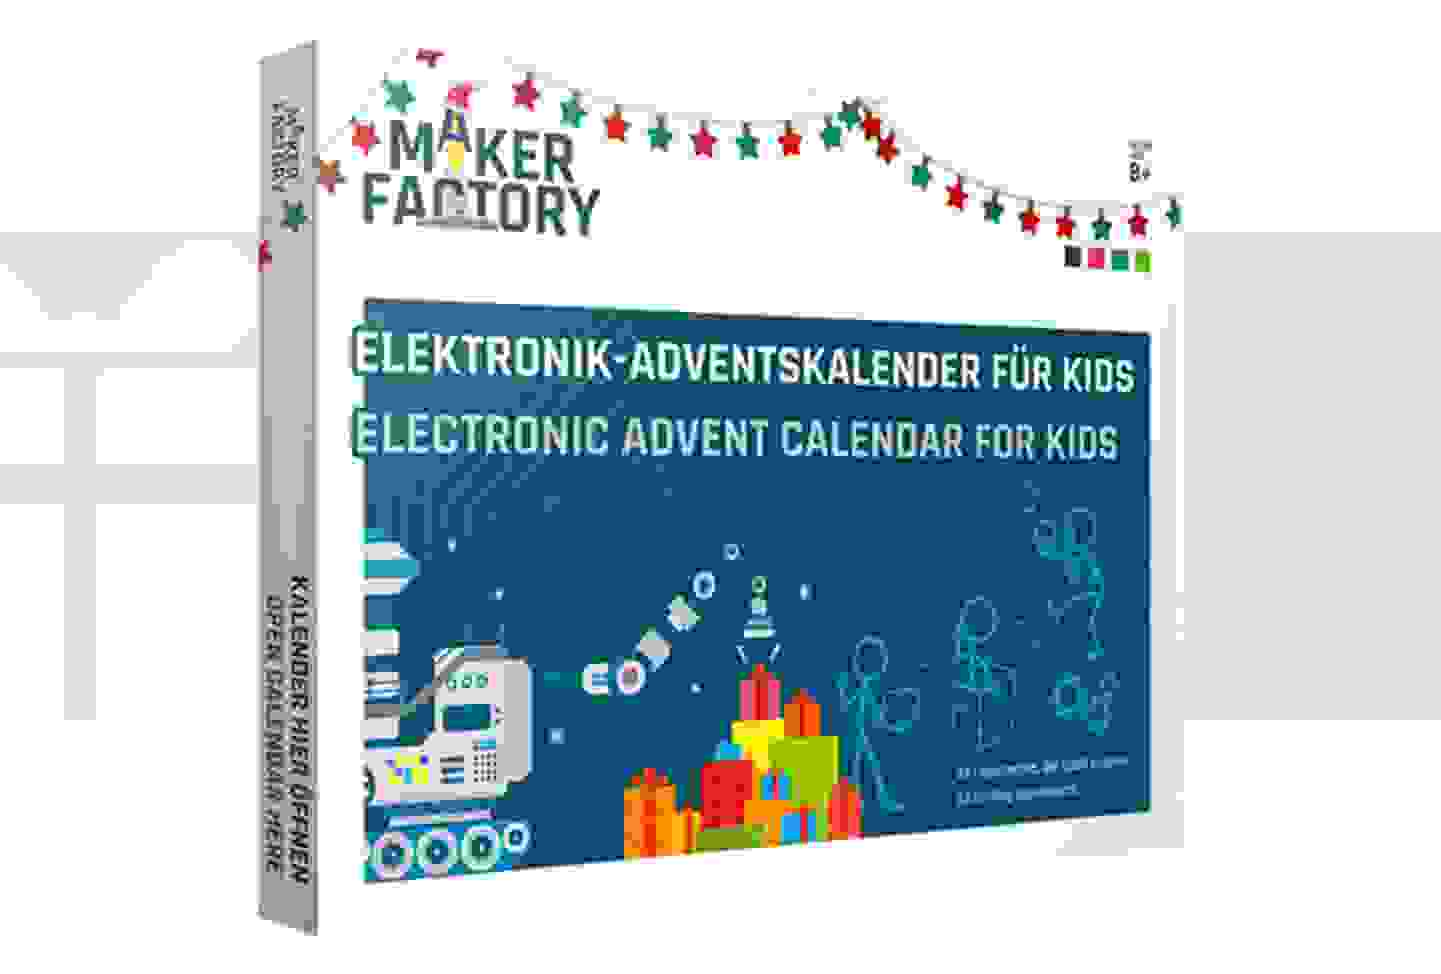 Makerfactory - Calendrier de l'Avent électronique pour enfants